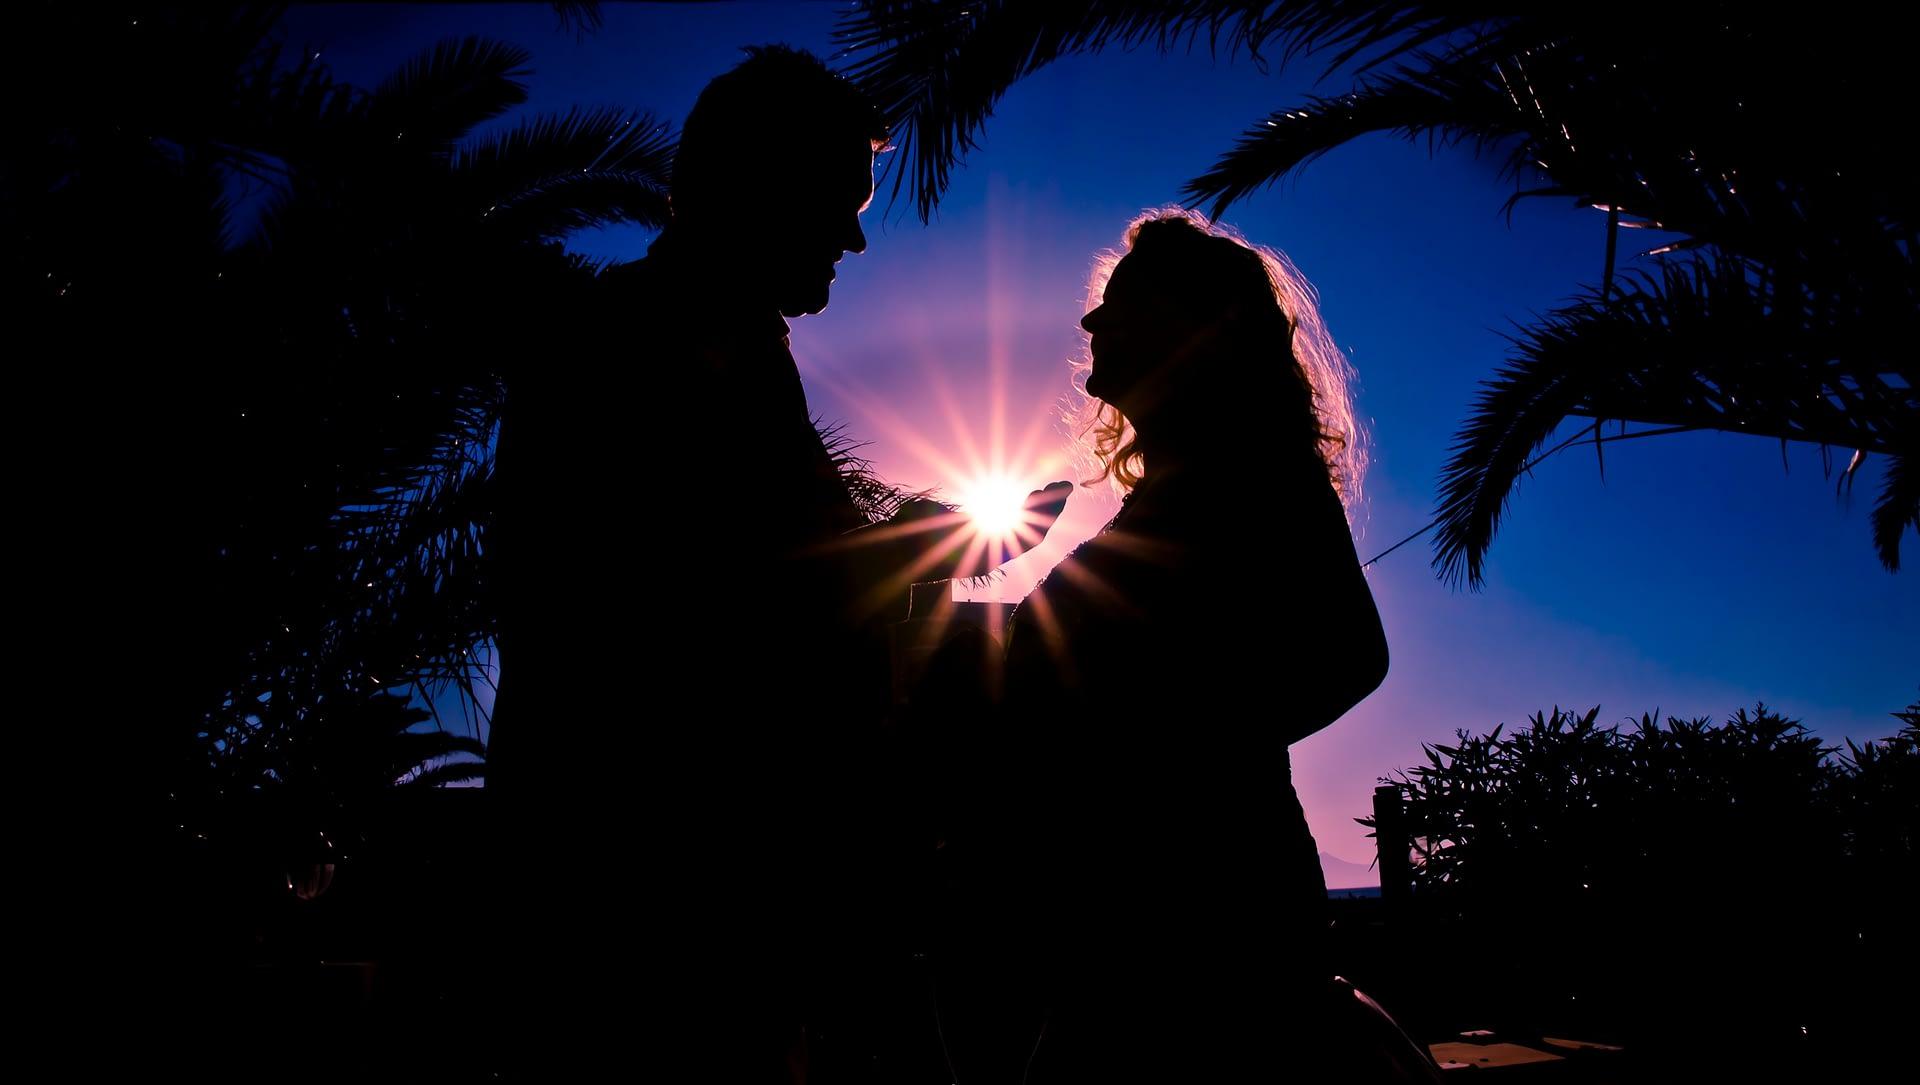 Pierluigi Cavarra - fotografo de bodas y eventos - wedding photographer costa blanca - ejemplo -21